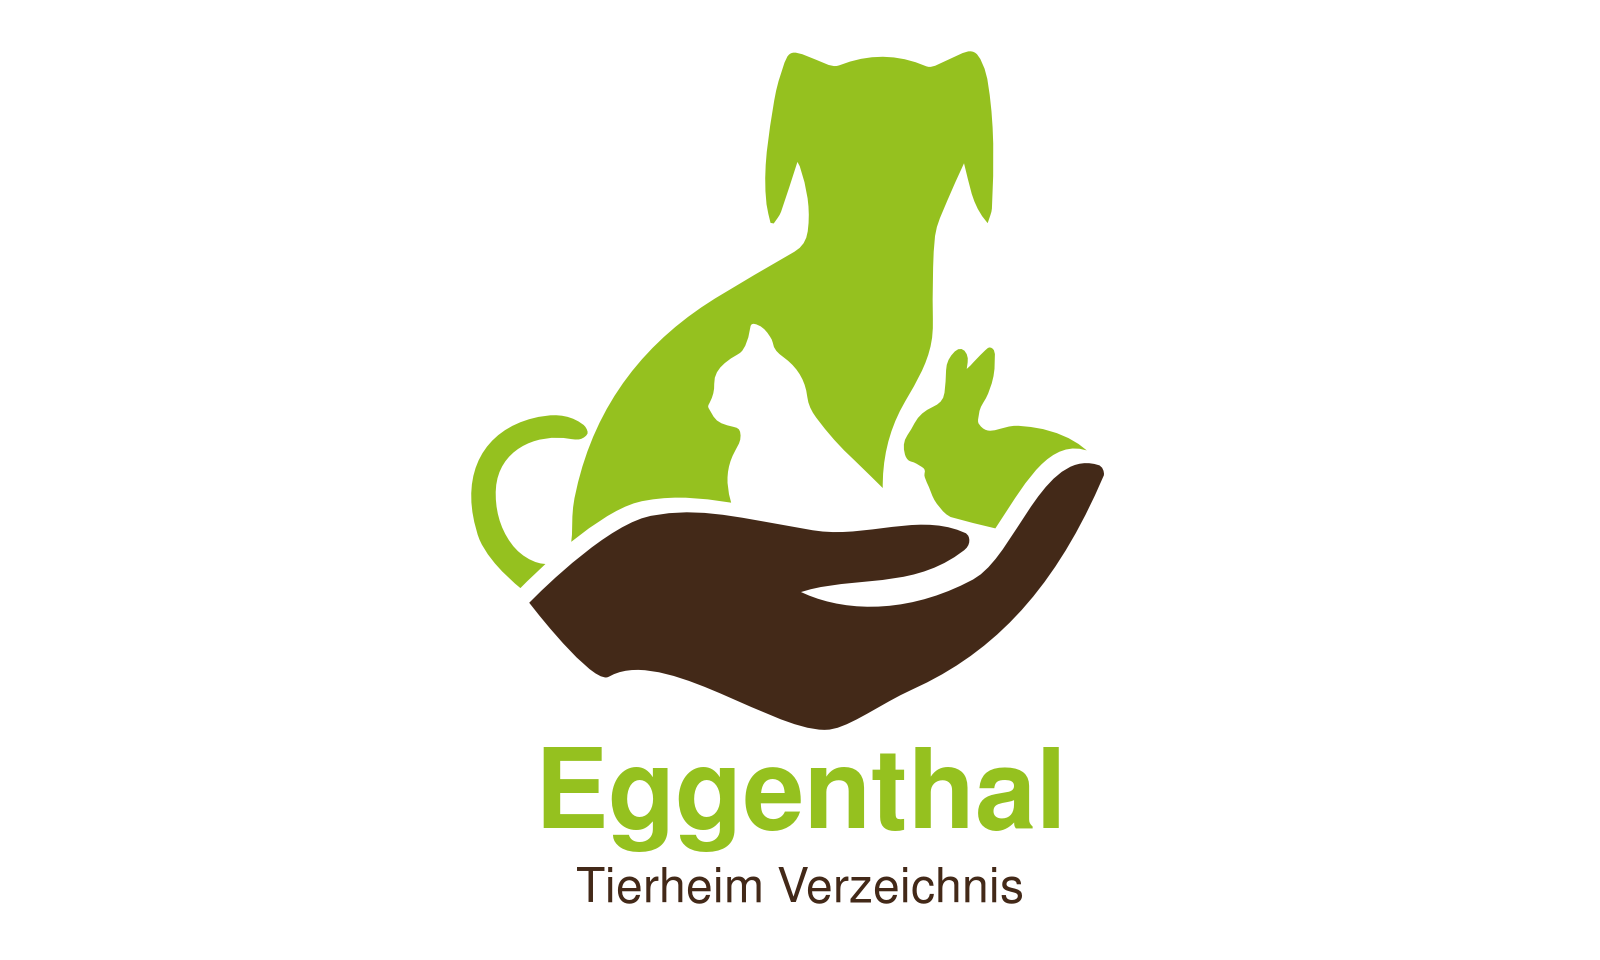 Tierheim Eggenthal